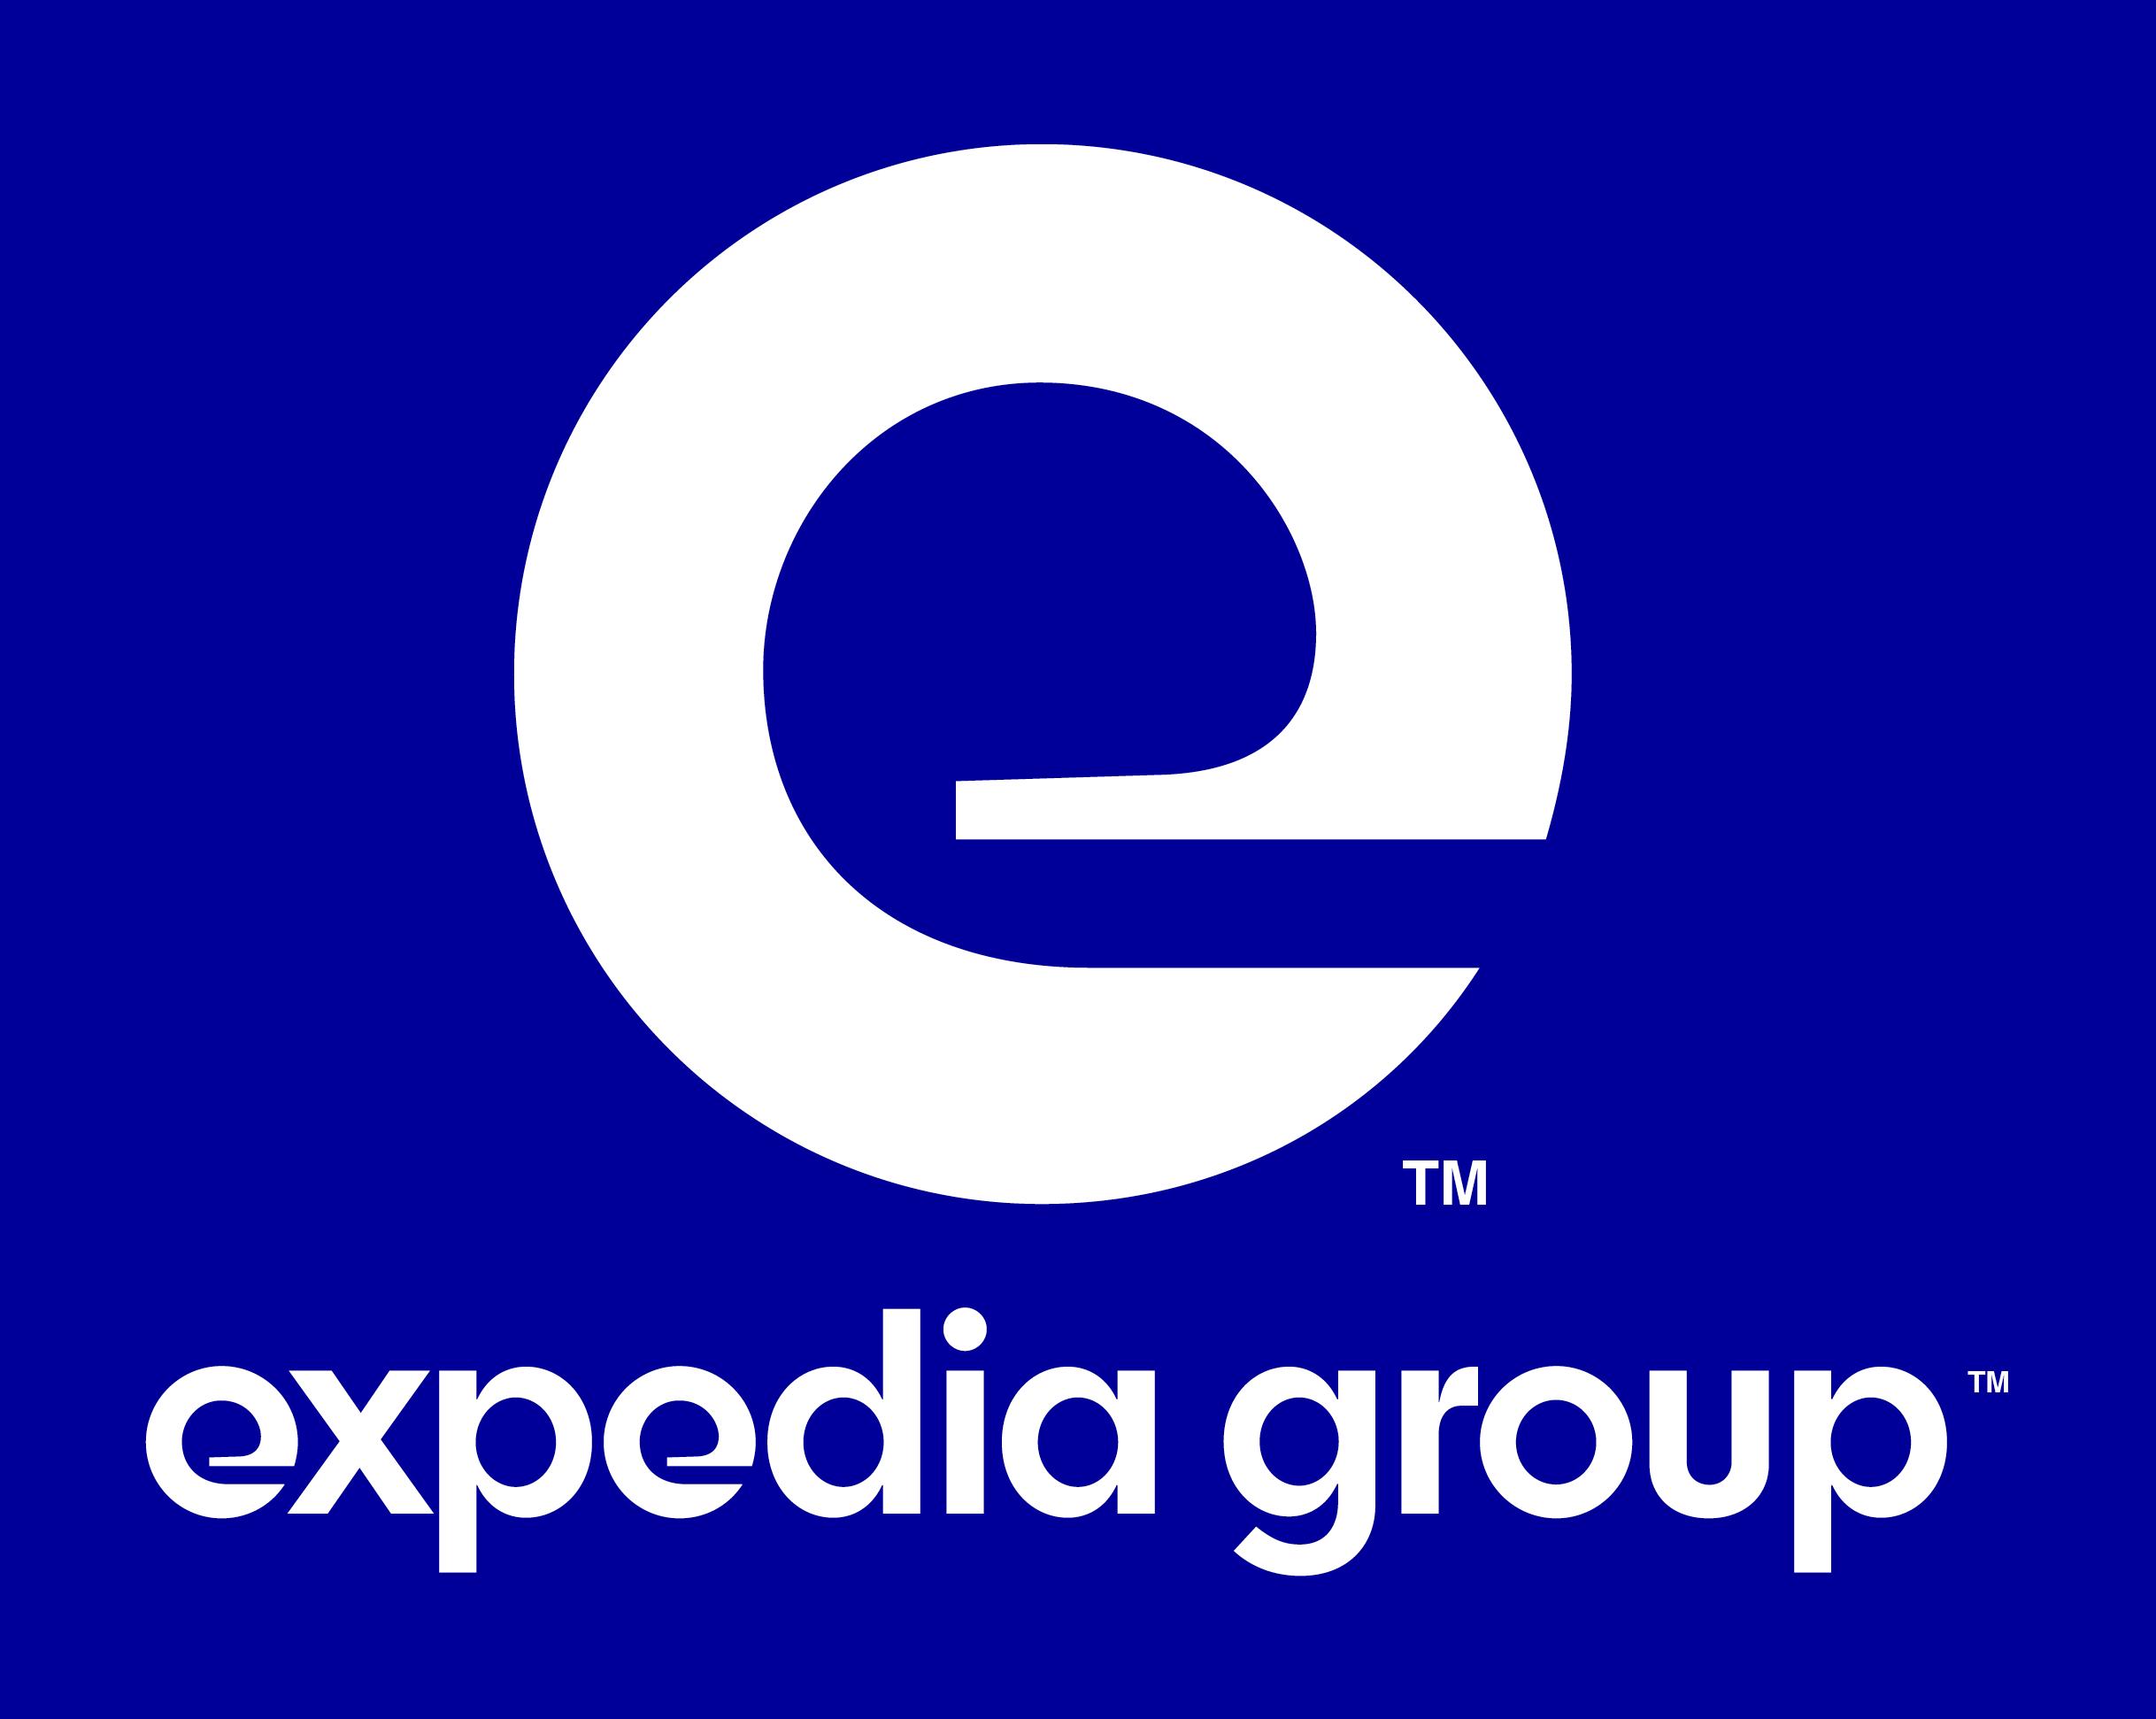 EG_Logo_White_on_Blue.png